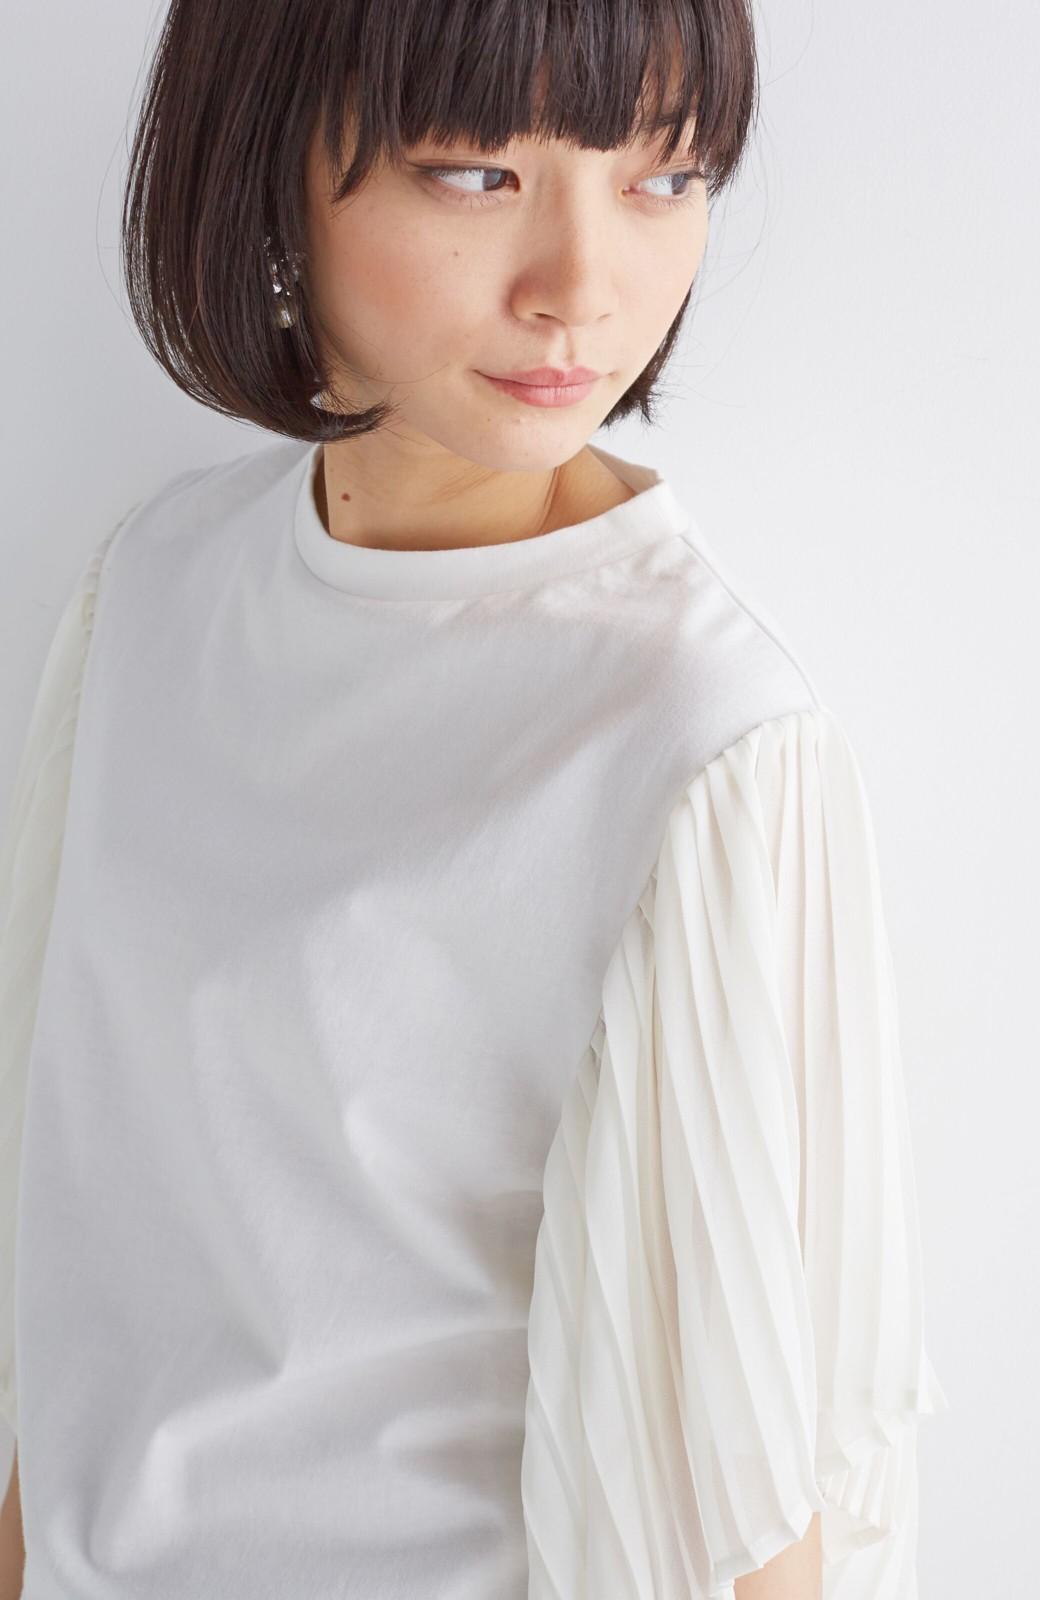 エムトロワ ふわりと揺れるプリーツ袖トップス <アイボリー>の商品写真1